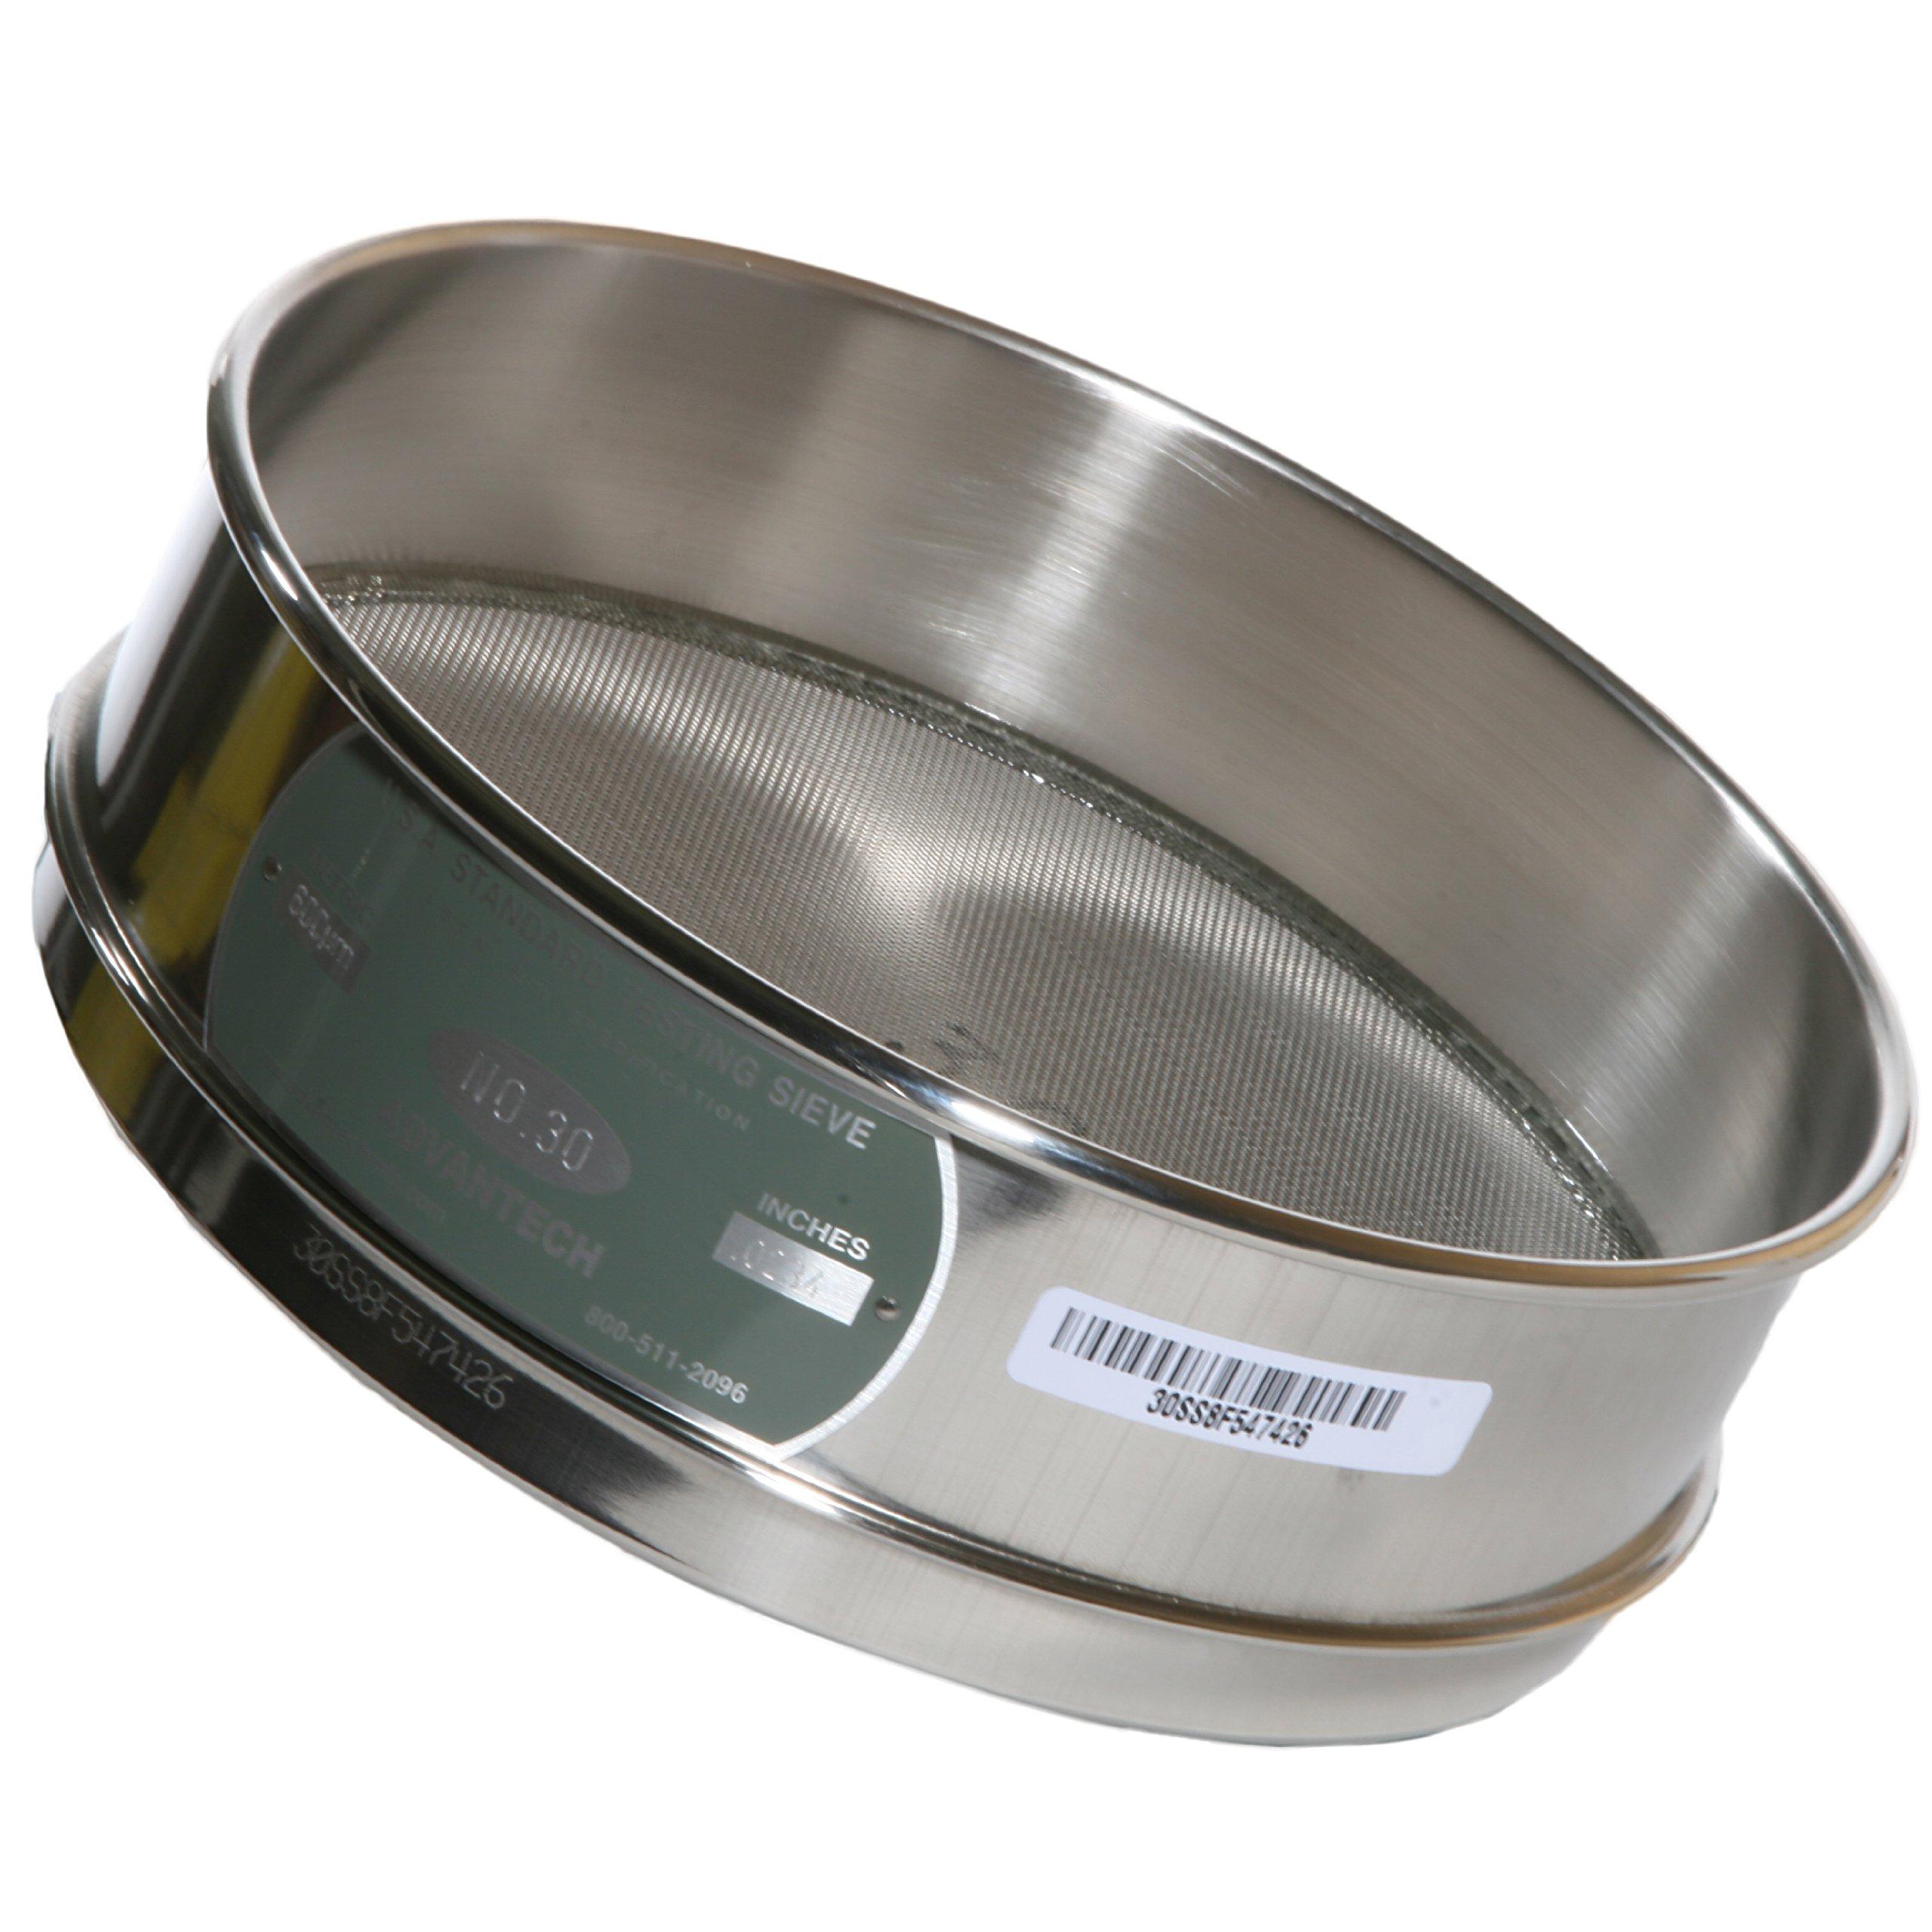 Advantech Stainless Steel Test Sieves, 8'' Diameter, #30 Mesh, Full Height